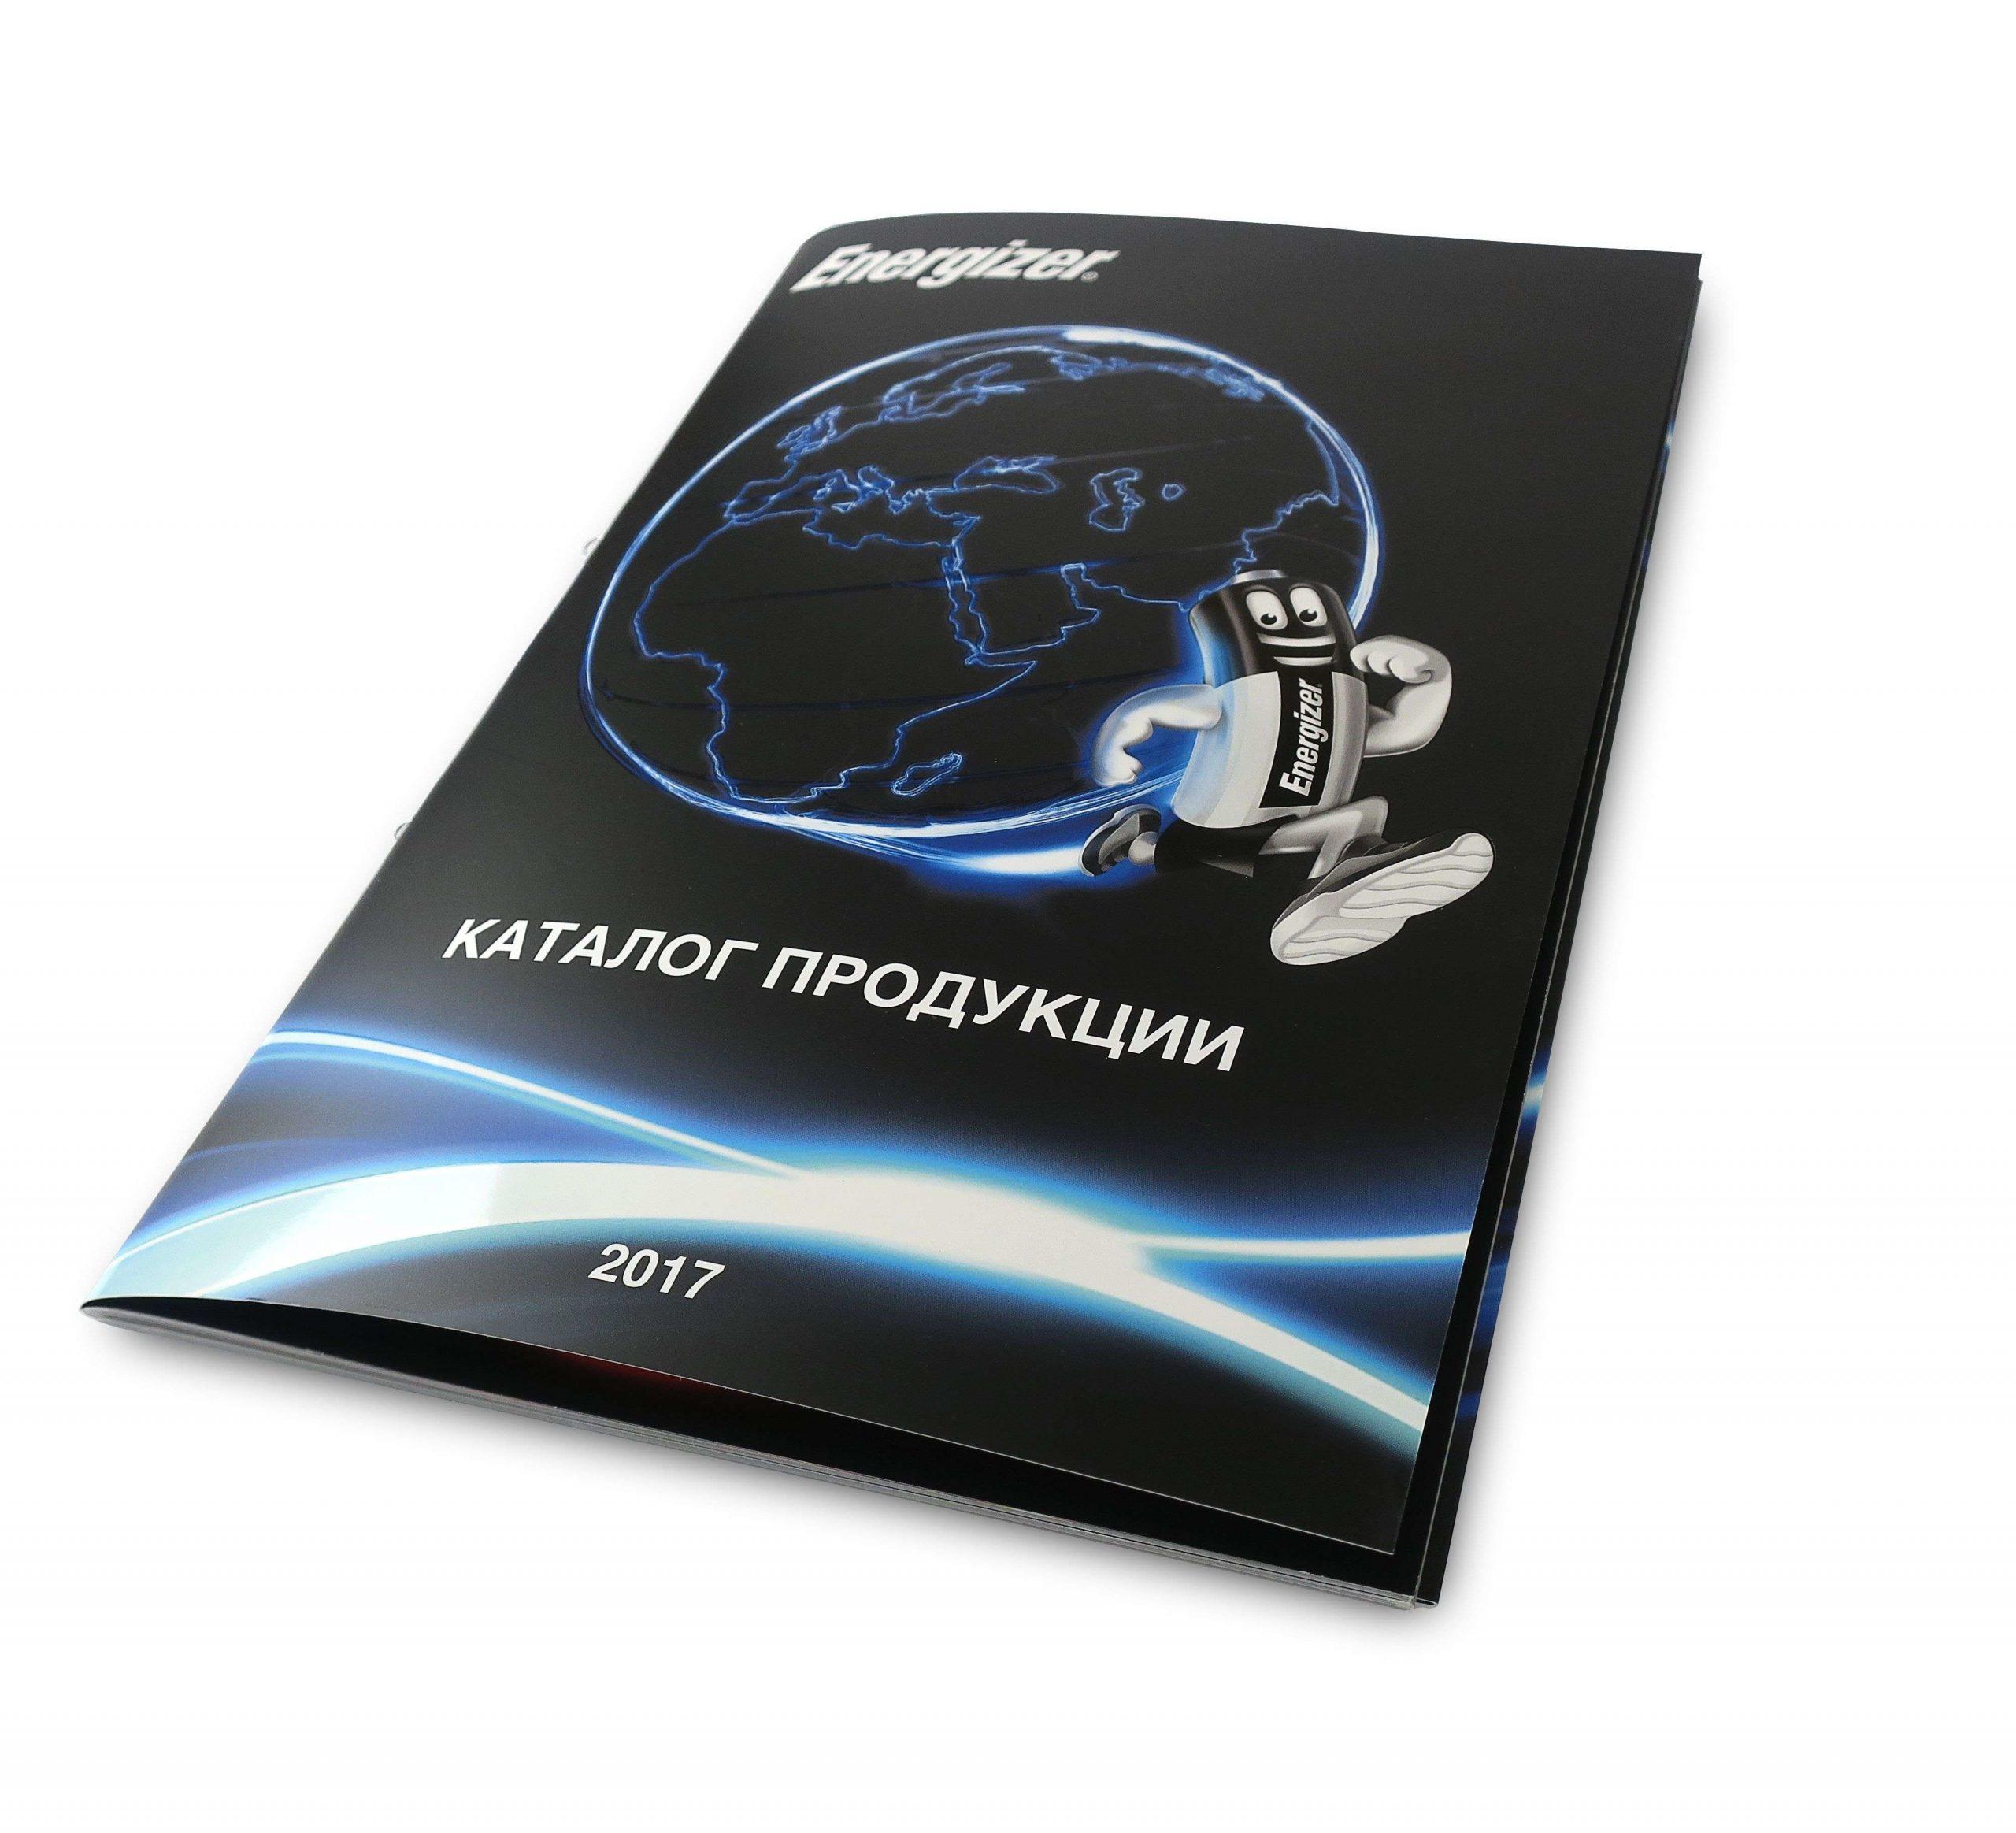 Печать каталога продукции в Москве | фото 7